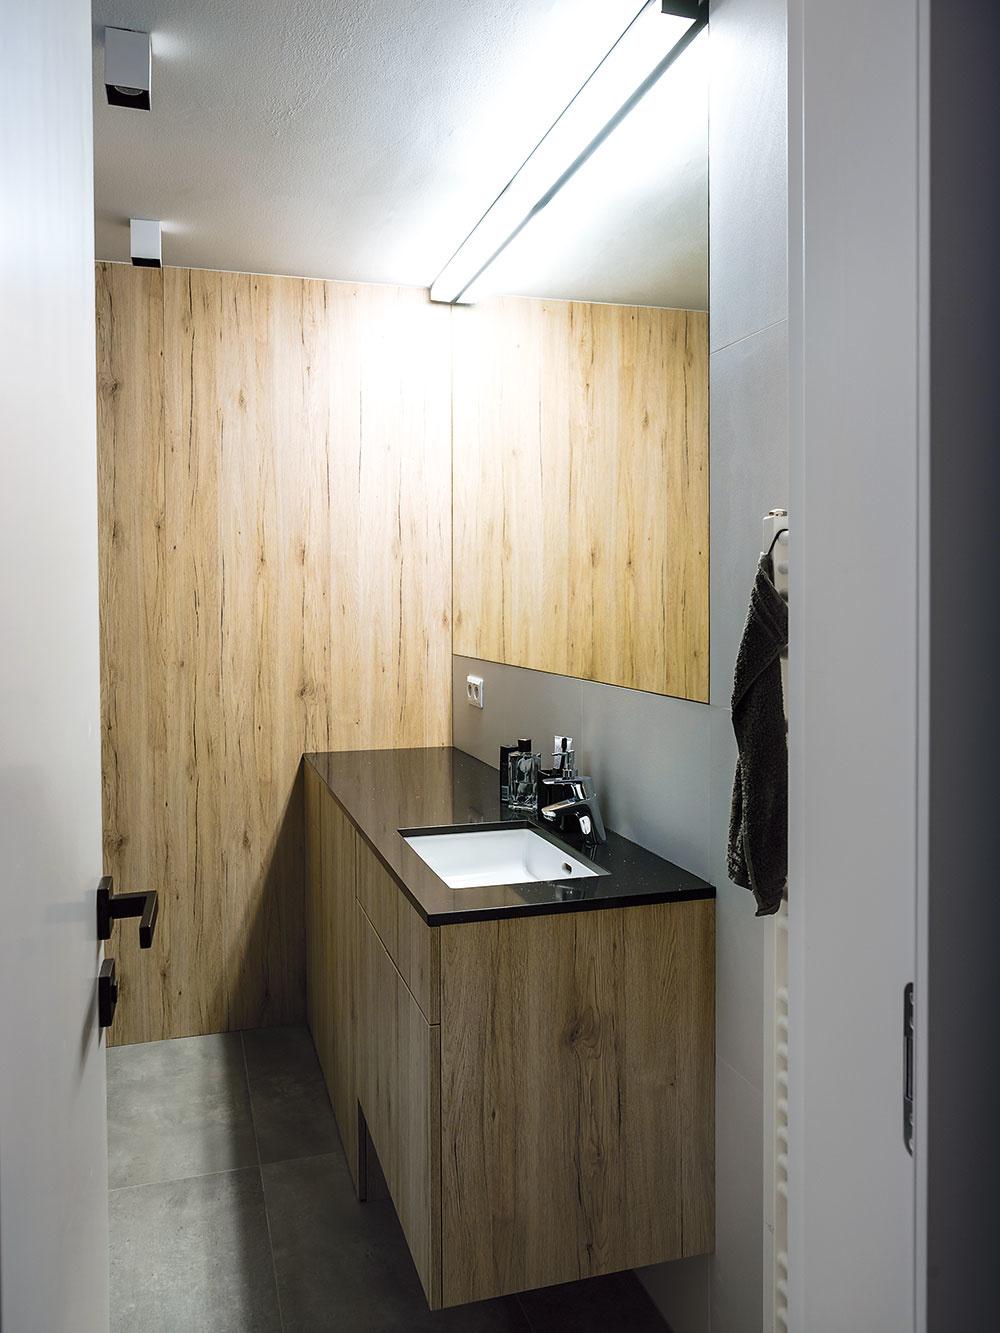 Všetky nábytky vrátane kuchynskej linky, konferenčného stolíka vobývacej izbe, šatníkových skríň vspálni, samotného šatníka aumývadlovej skrinky vkúpeľni vyrobilo na mieru štúdio Daniela Interiér.